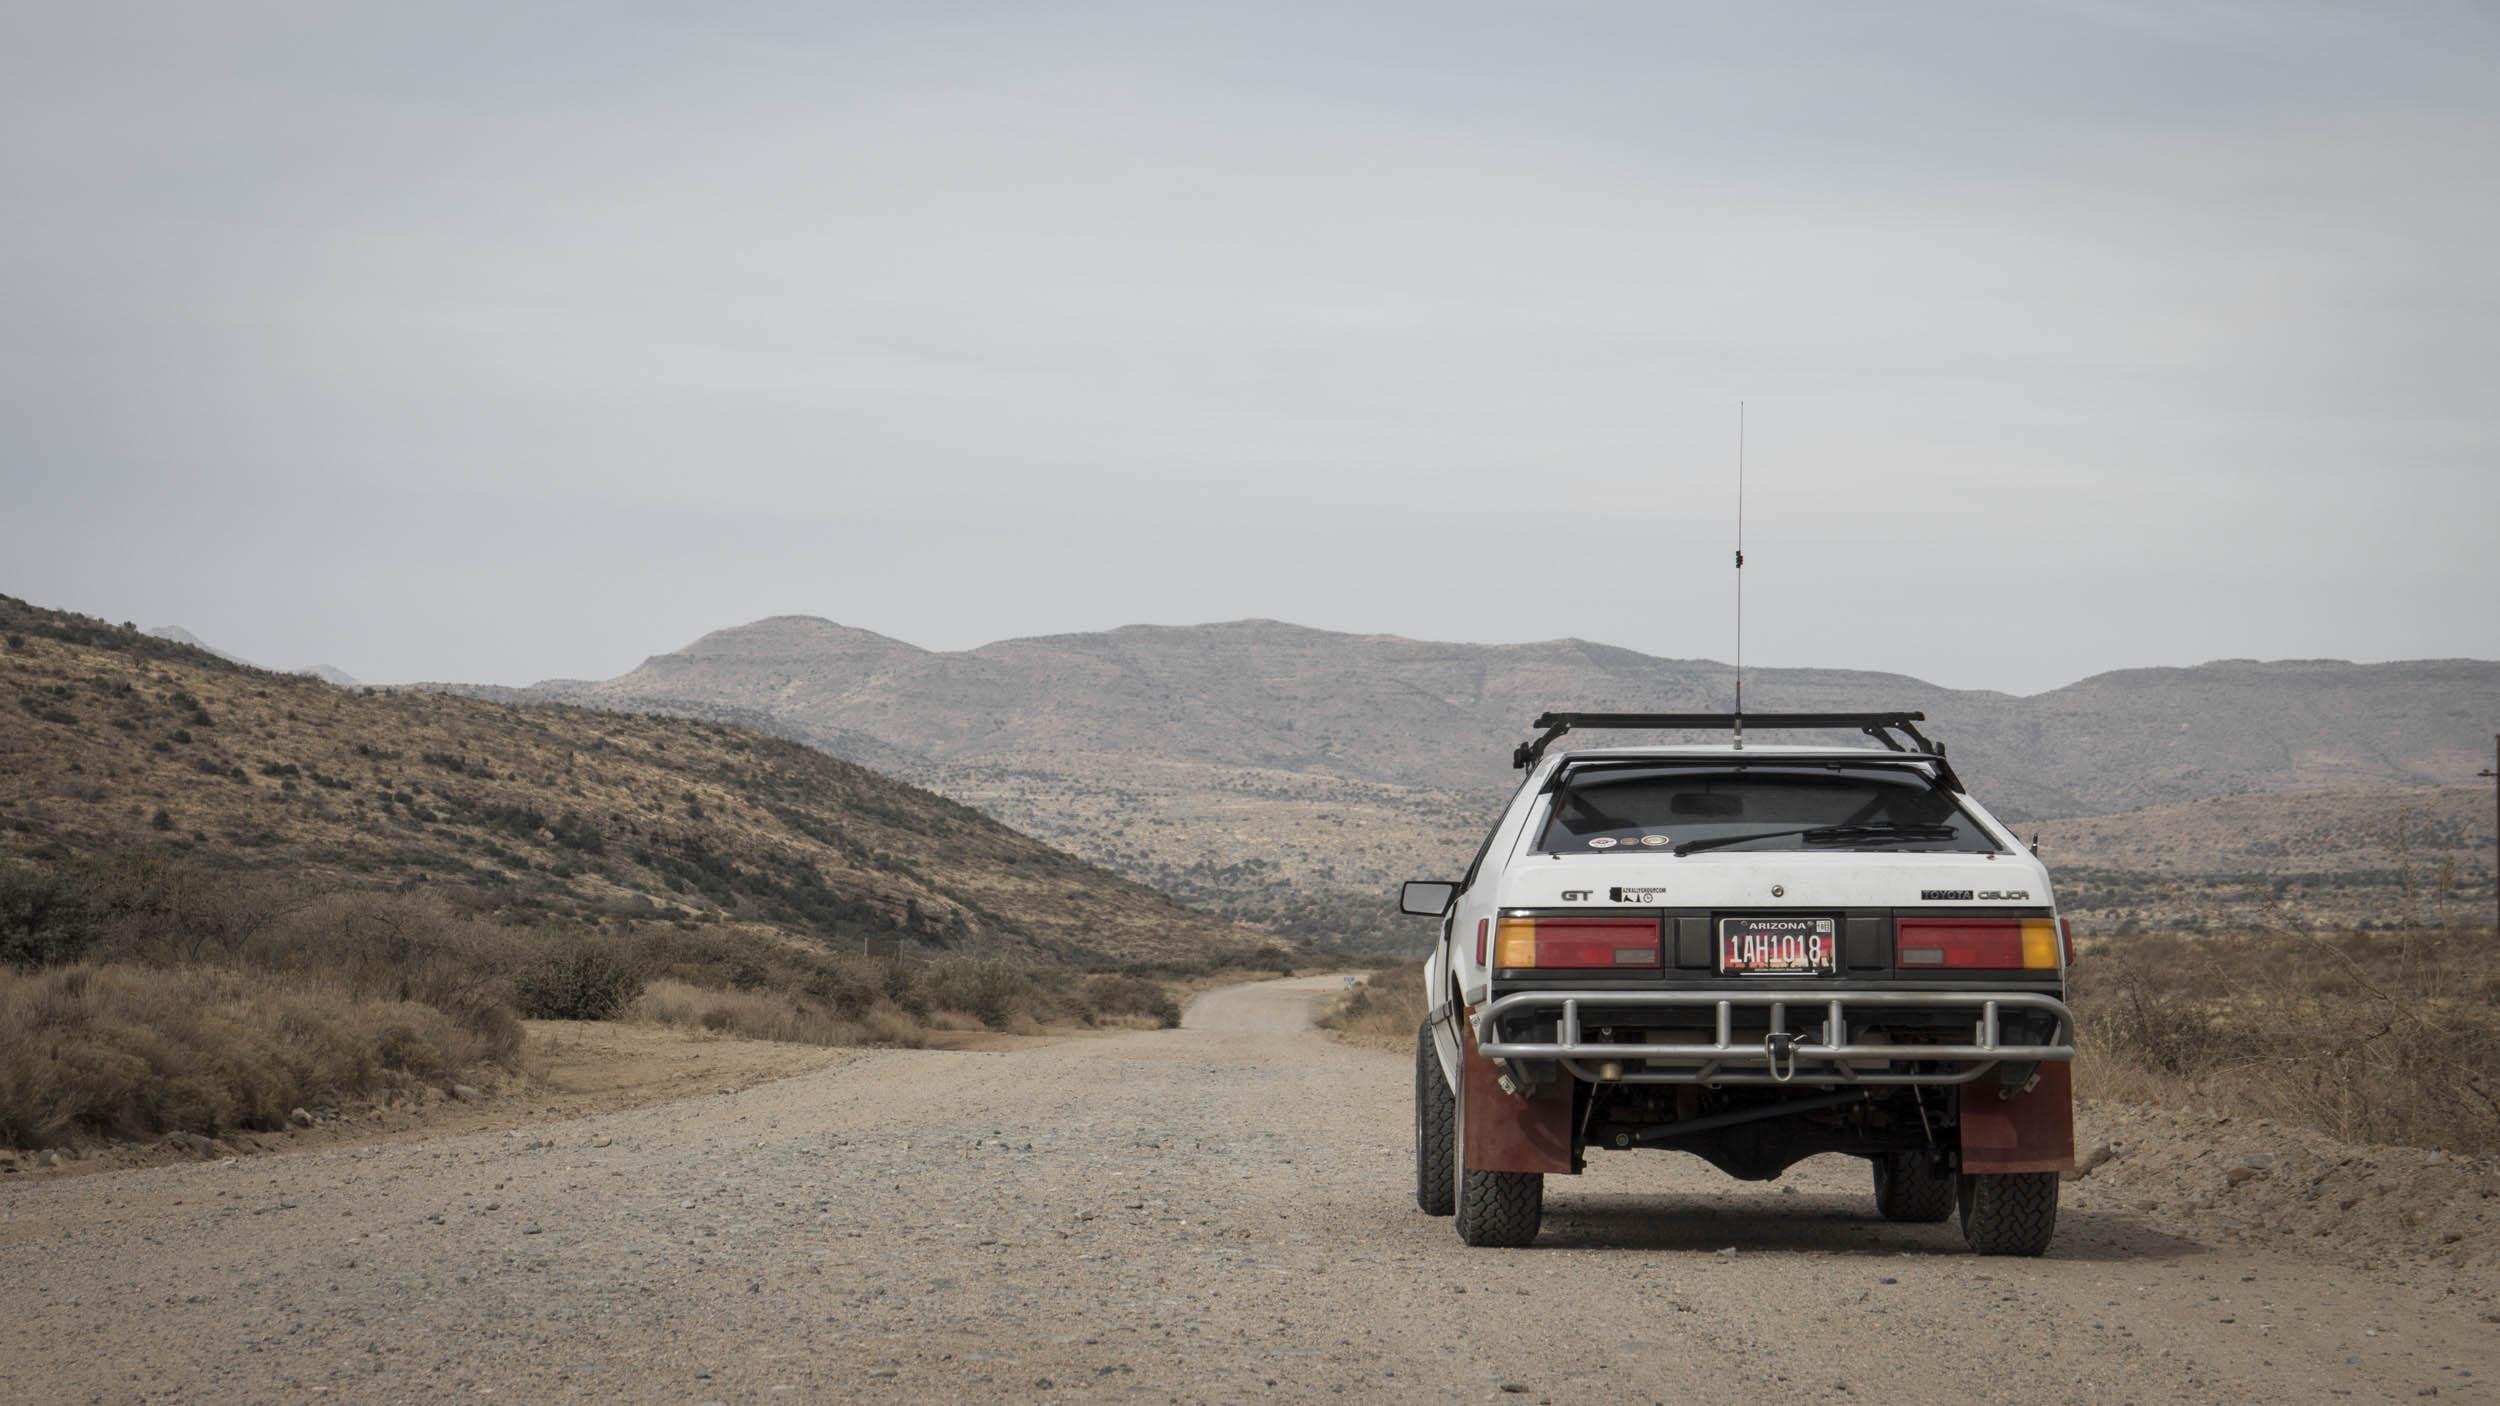 1984 Toyota Celica GT rear